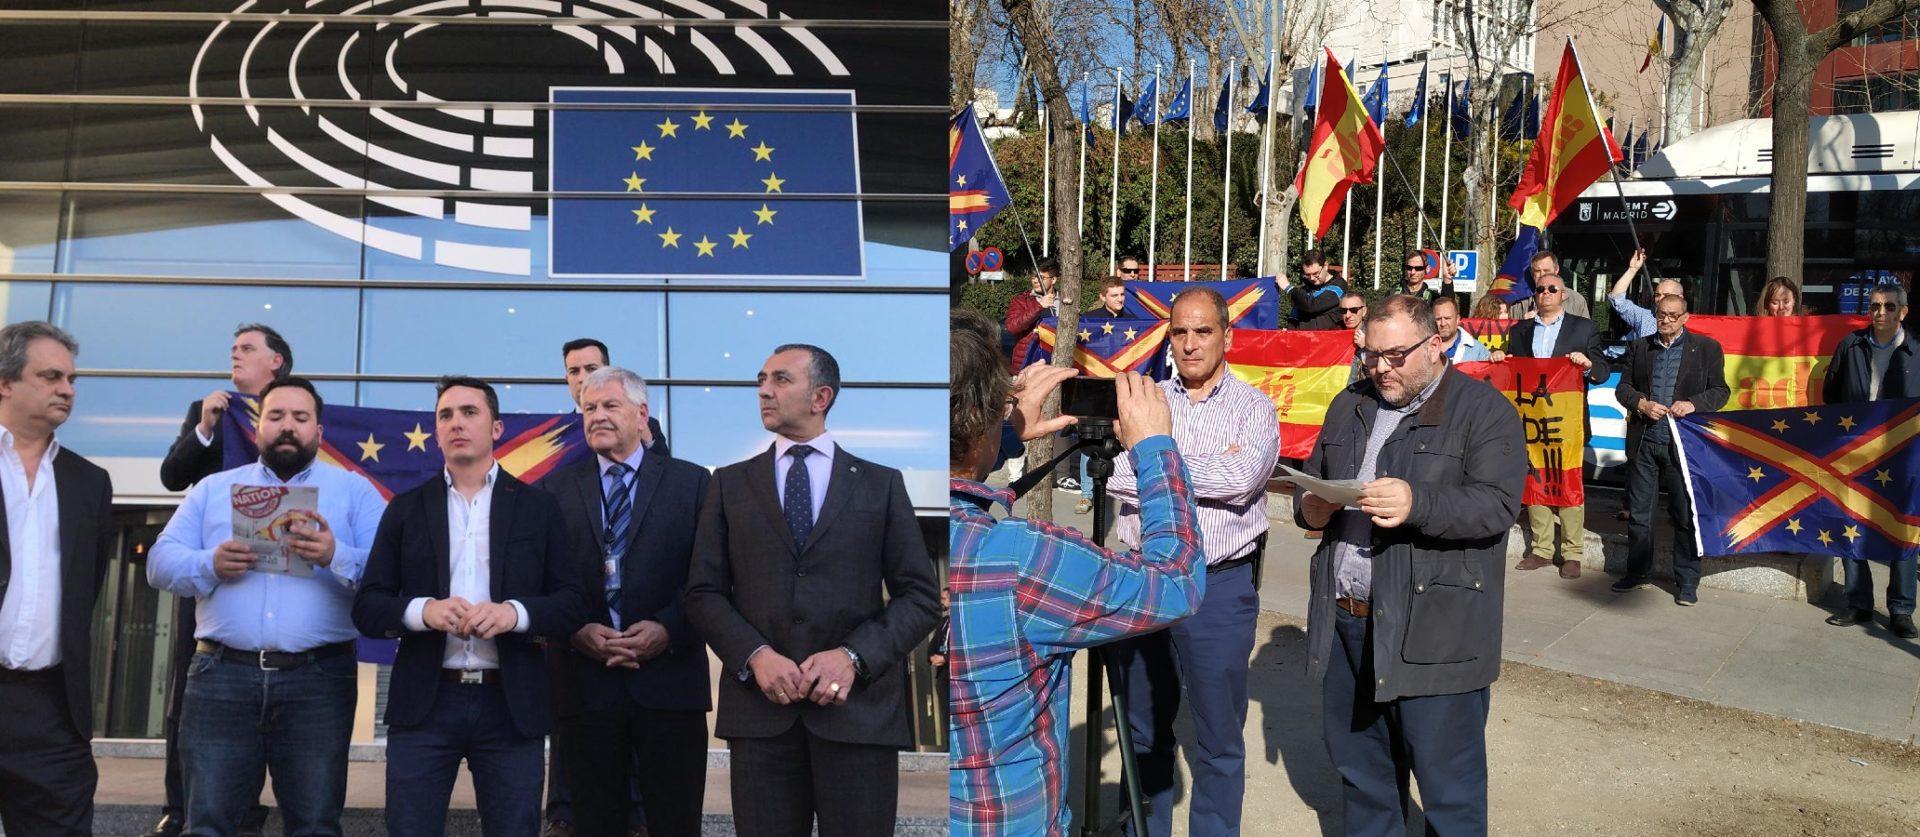 Ración doble de ADÑ frente a los abusos de la Unión Europea